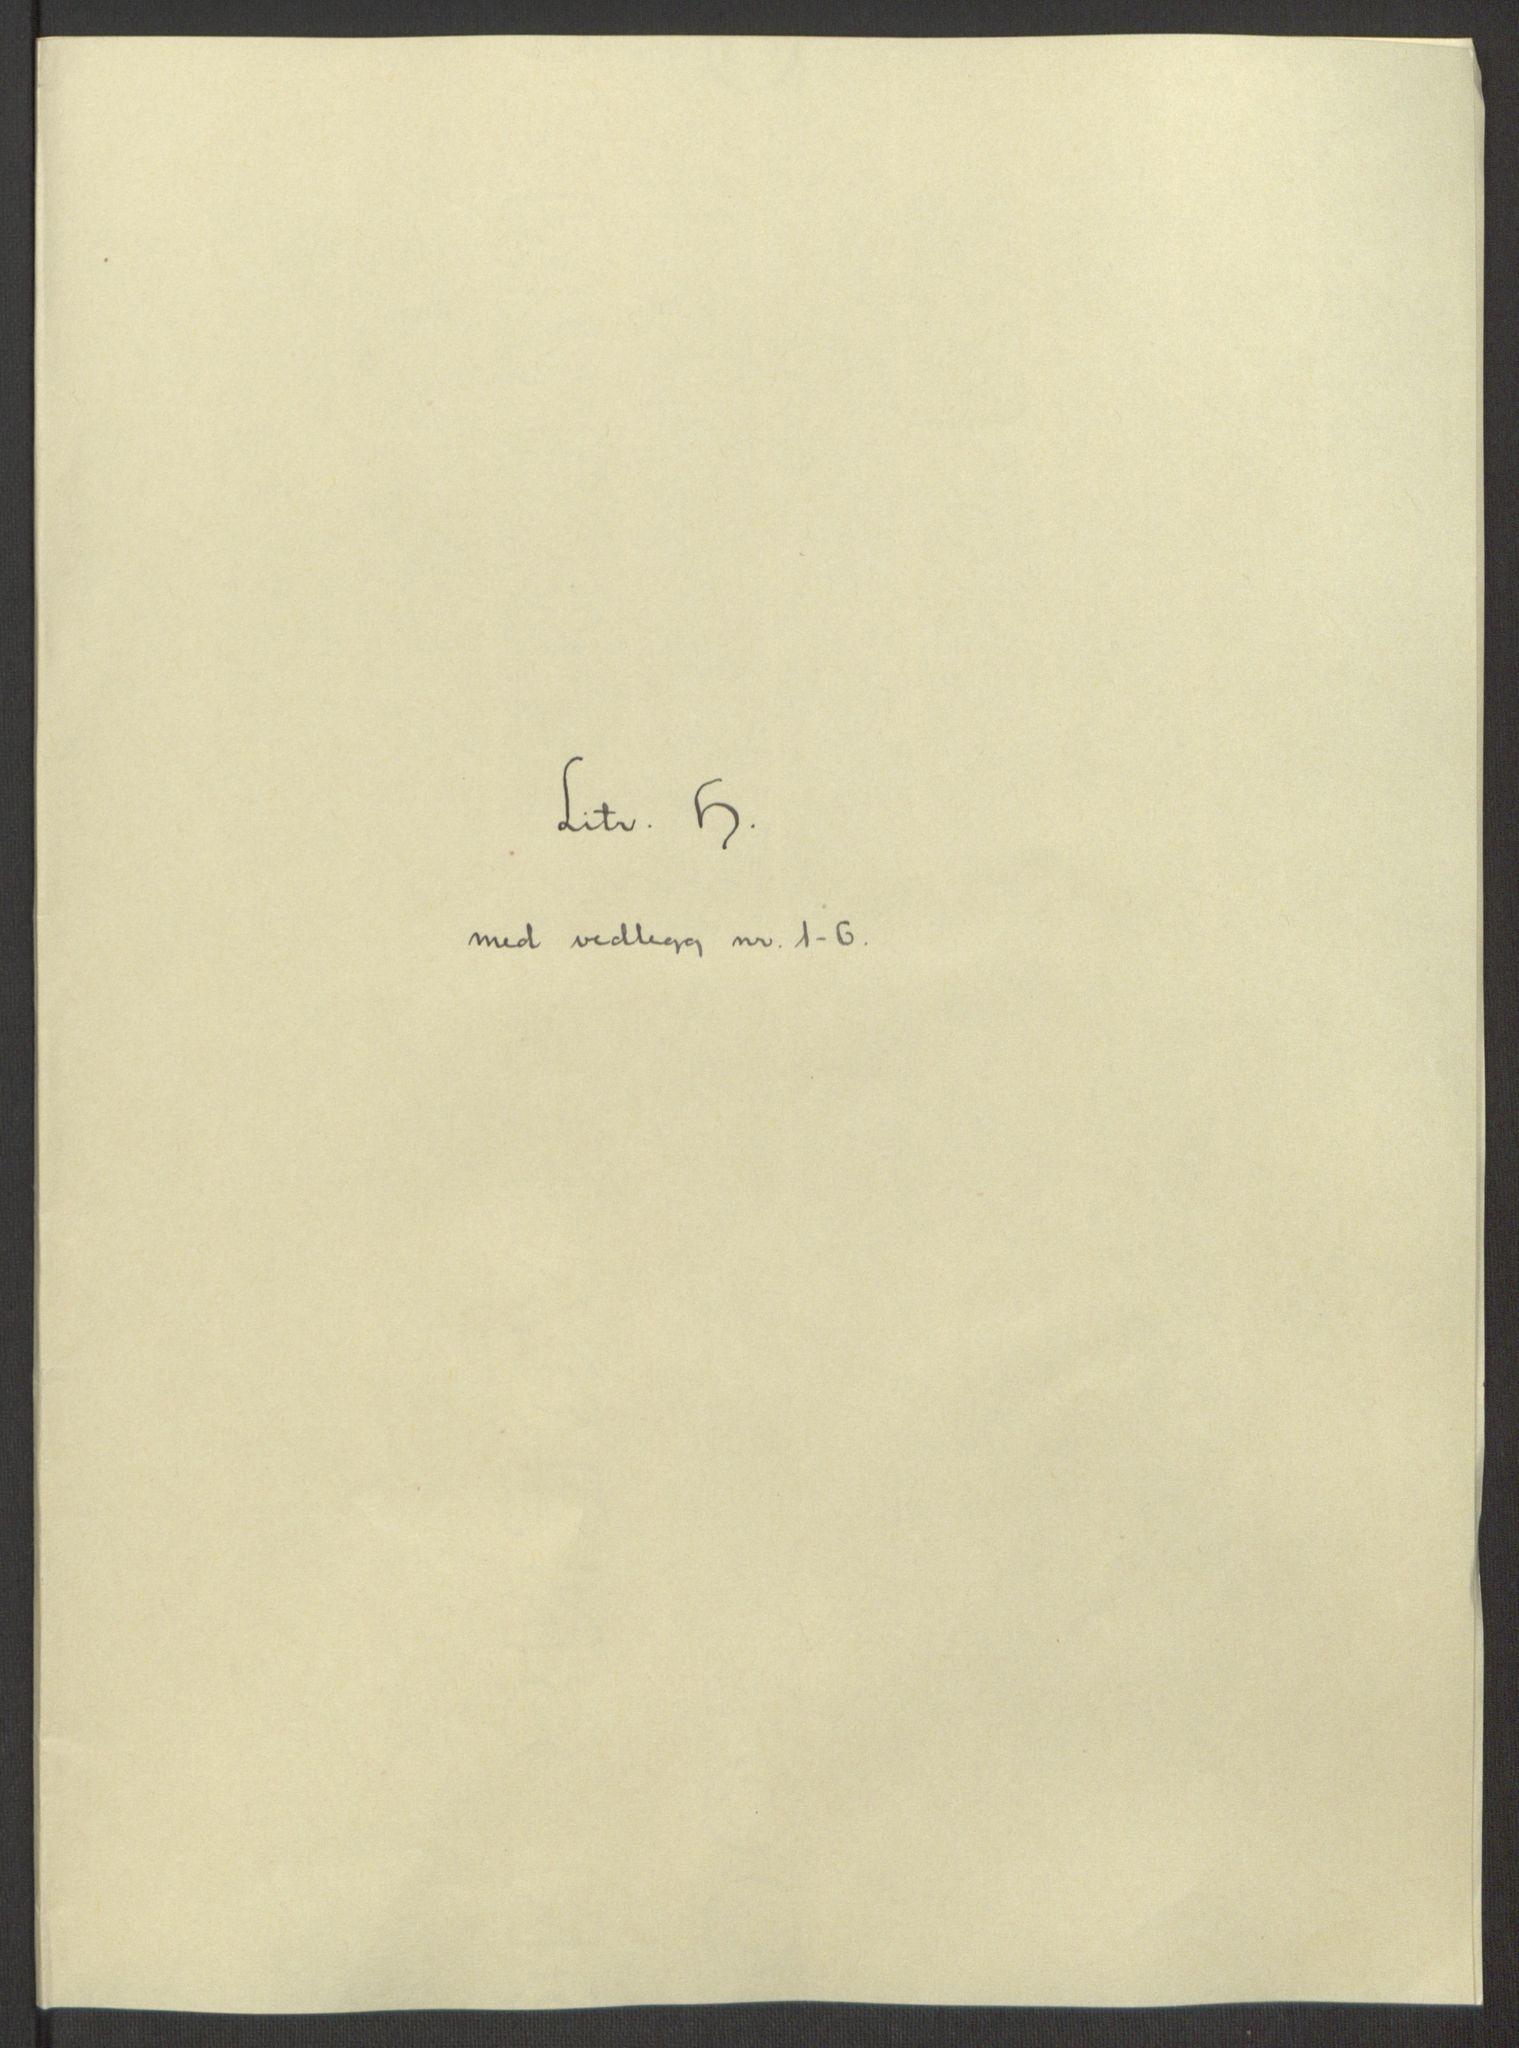 RA, Rentekammeret inntil 1814, Reviderte regnskaper, Fogderegnskap, R64/L4423: Fogderegnskap Namdal, 1690-1691, s. 241